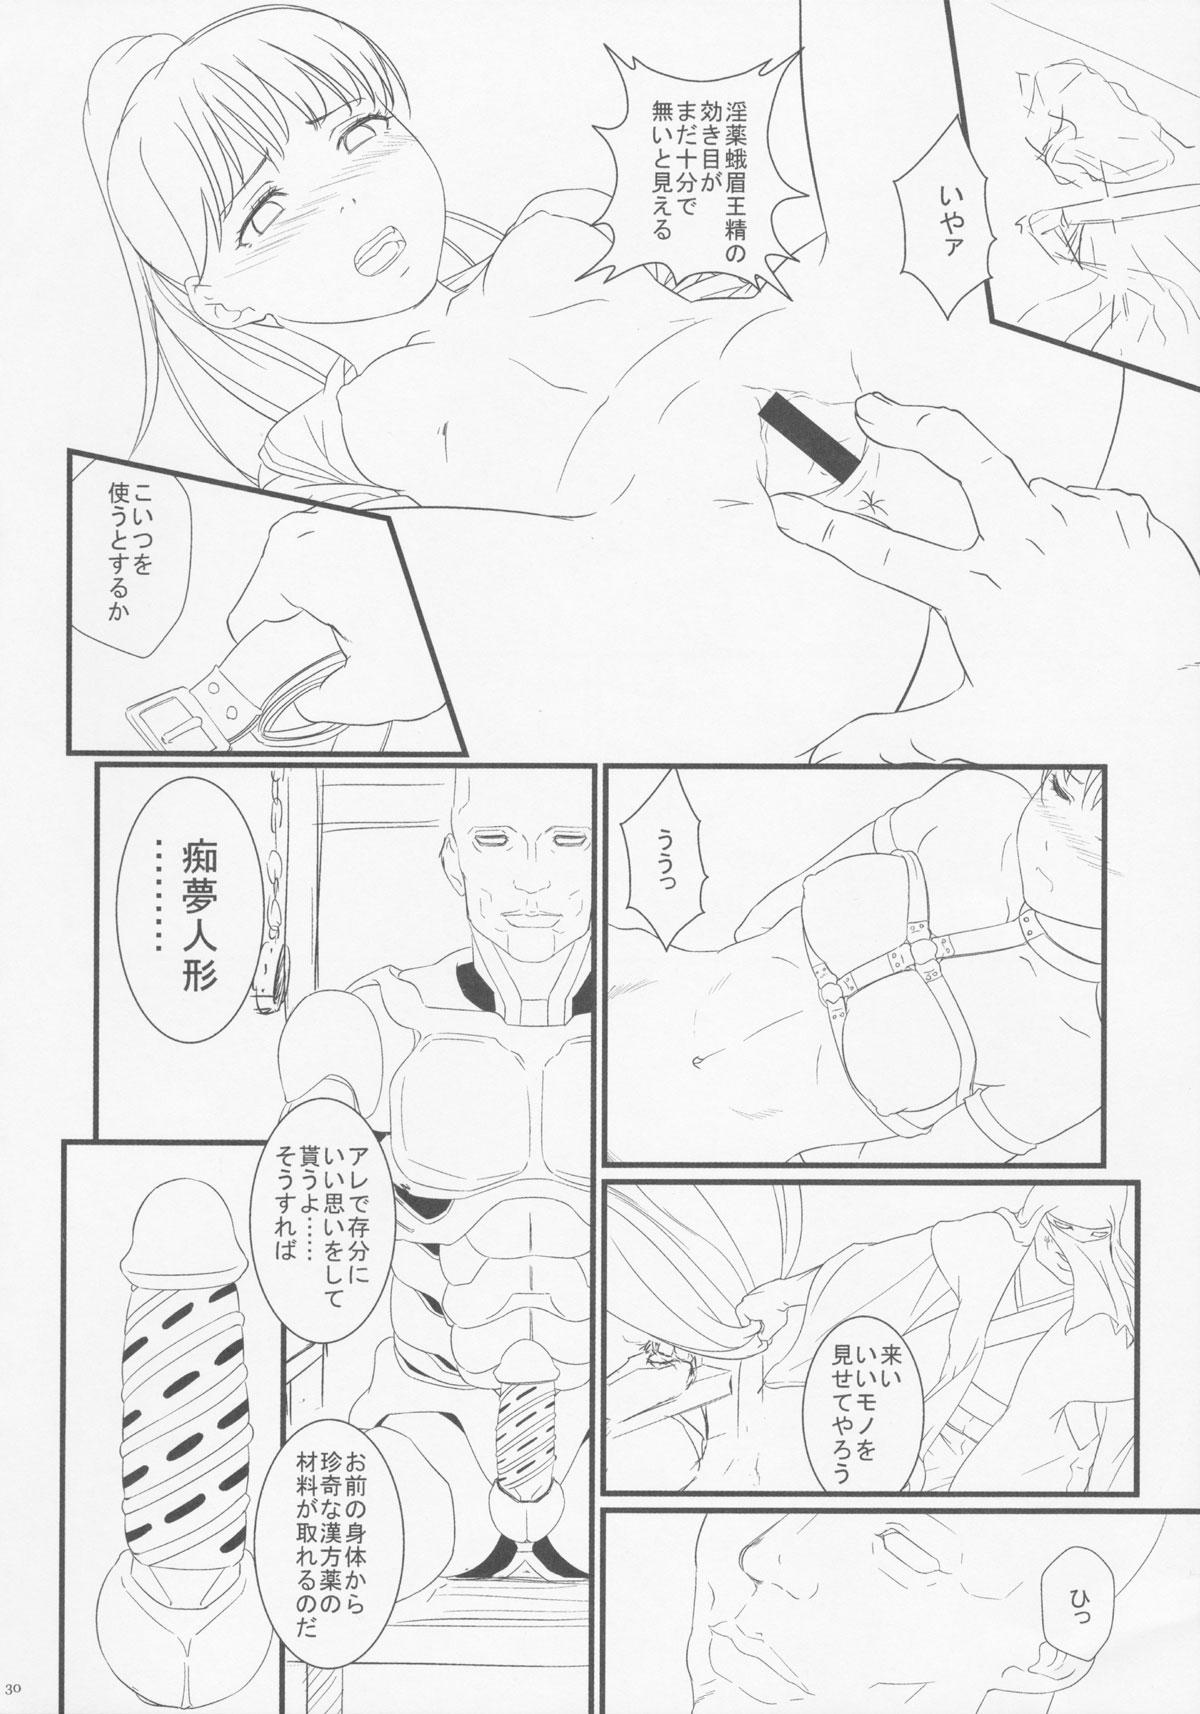 お姉ちゃんの裸みてみたいなぁwぬぎぬぎしようね~wやっダメっ!!あ~ん・・・ママ助けて!!【エロ漫画・エロ同人】 (29)